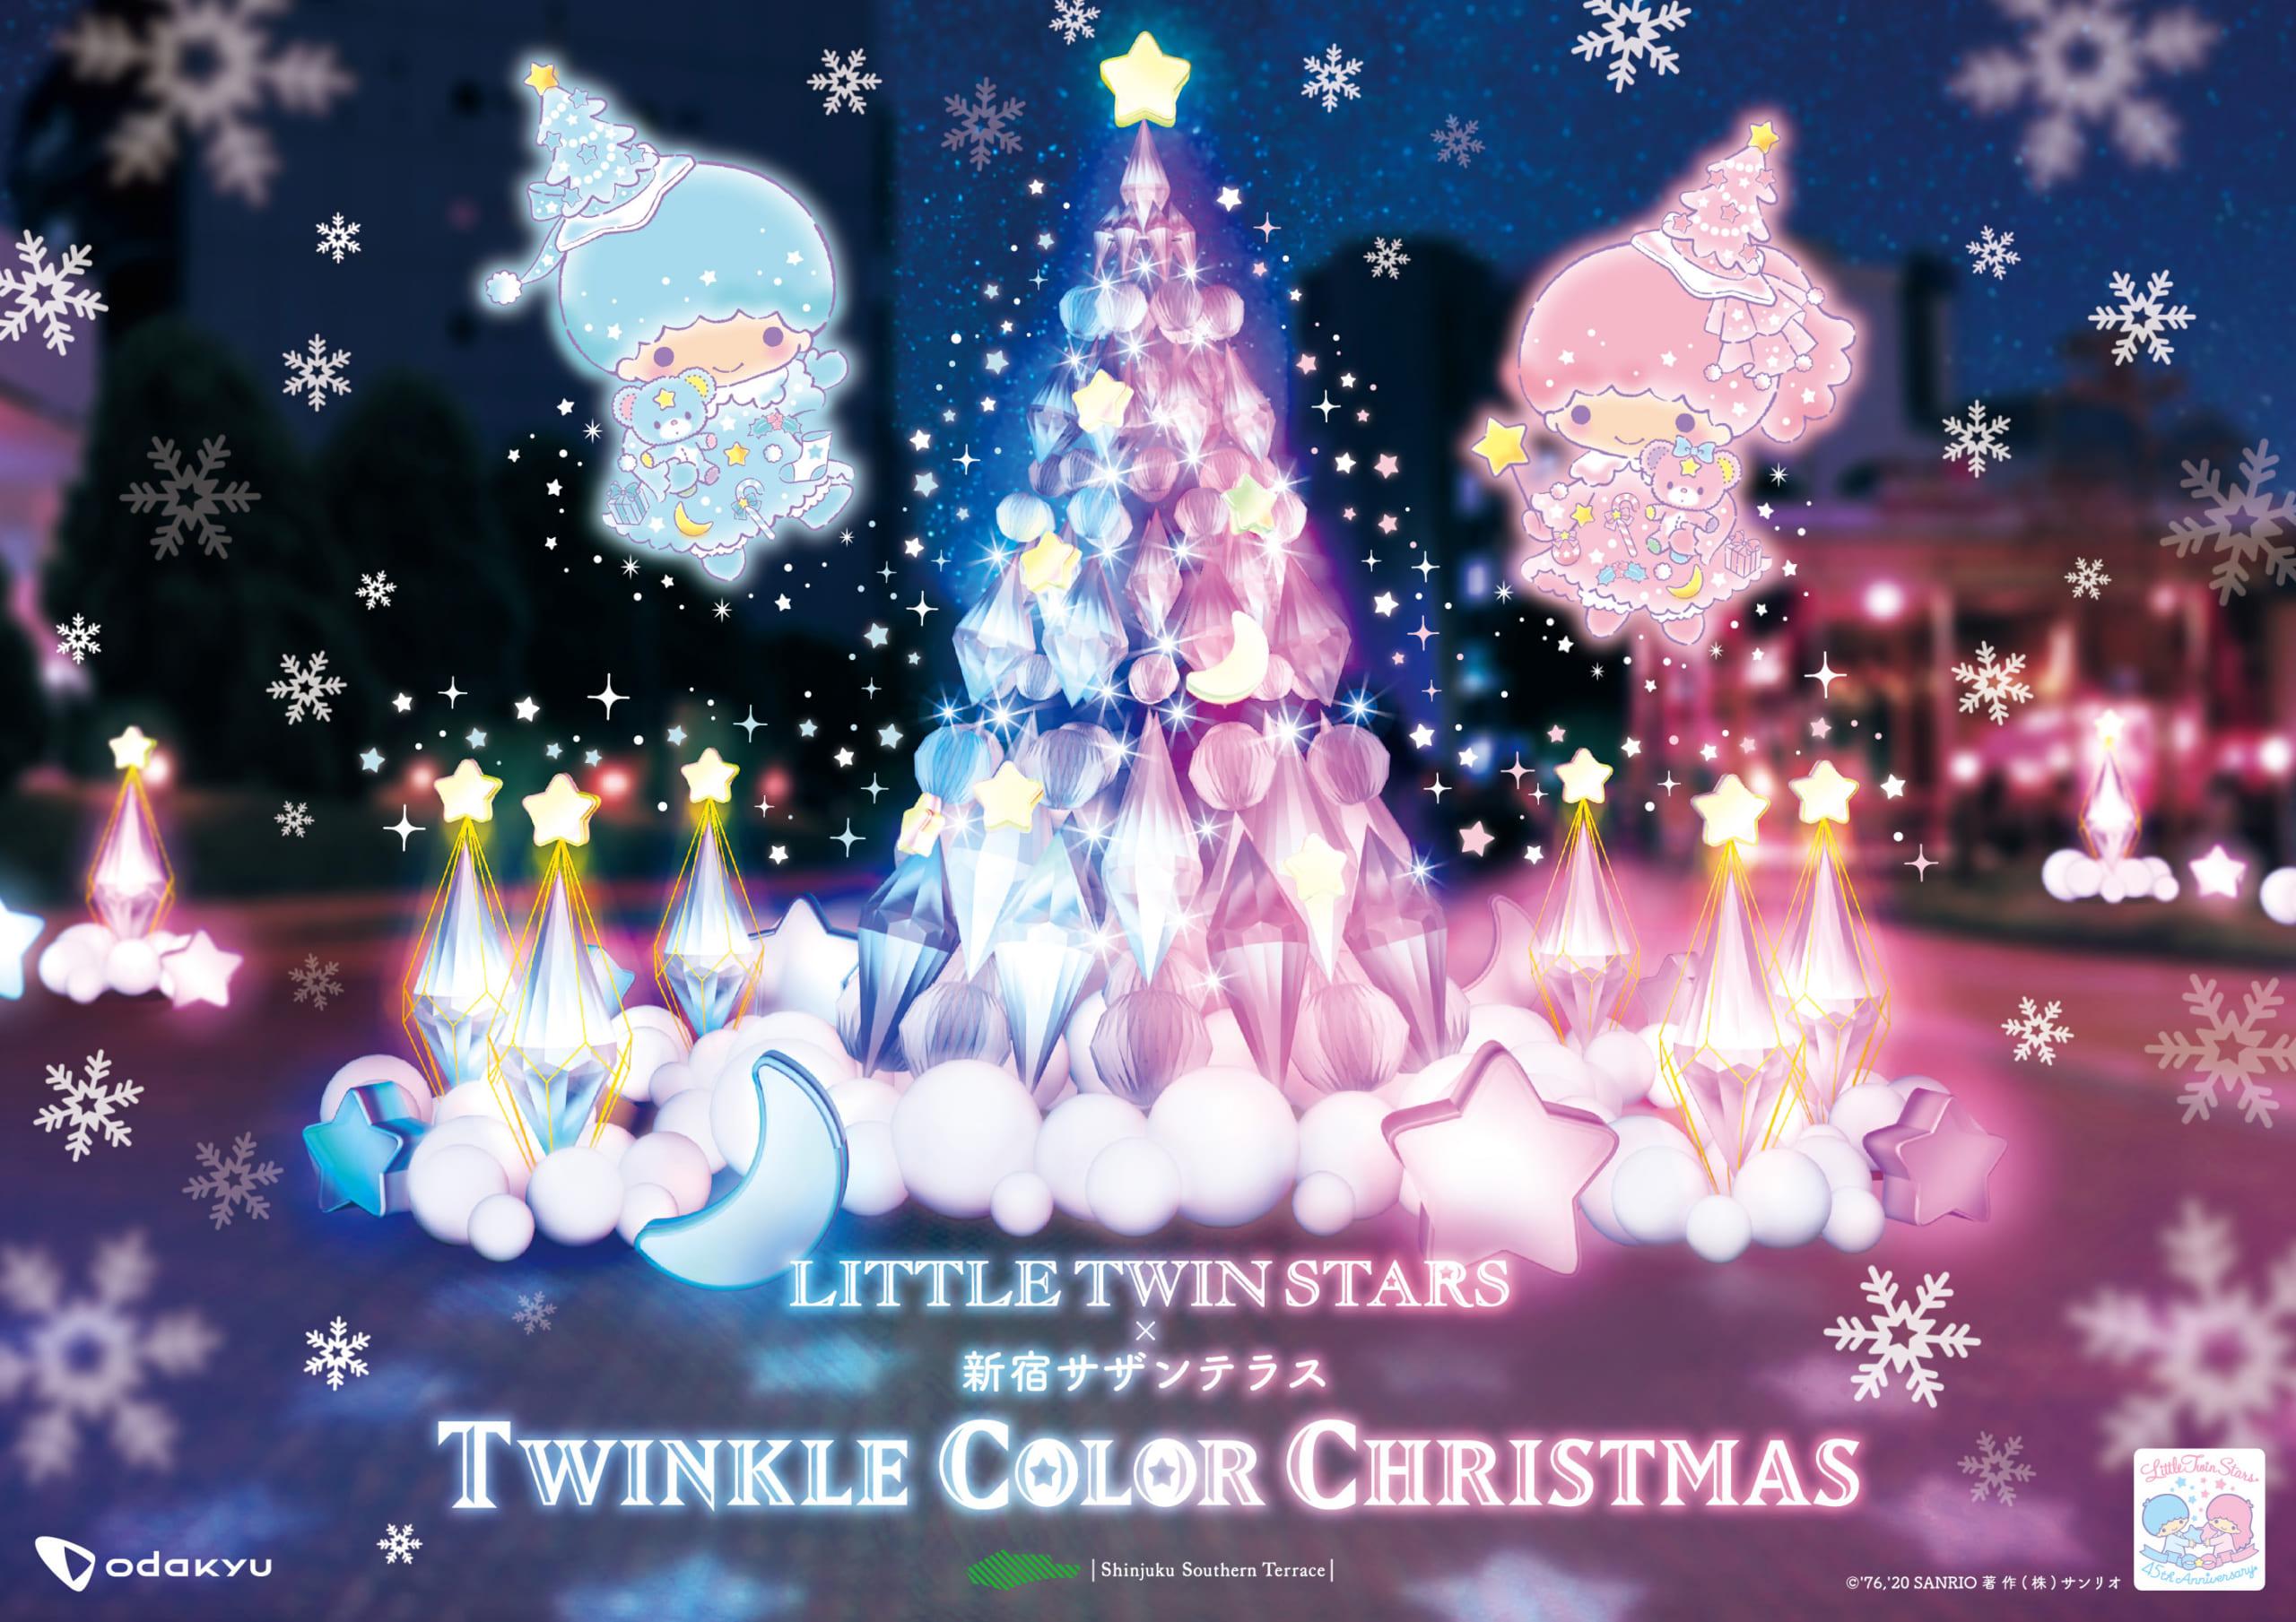 「キキ&ララ」新宿サザンテラスに巨大クリスマスツリーが登場!サンリオカフェワゴンも出店&ARツリーも配信